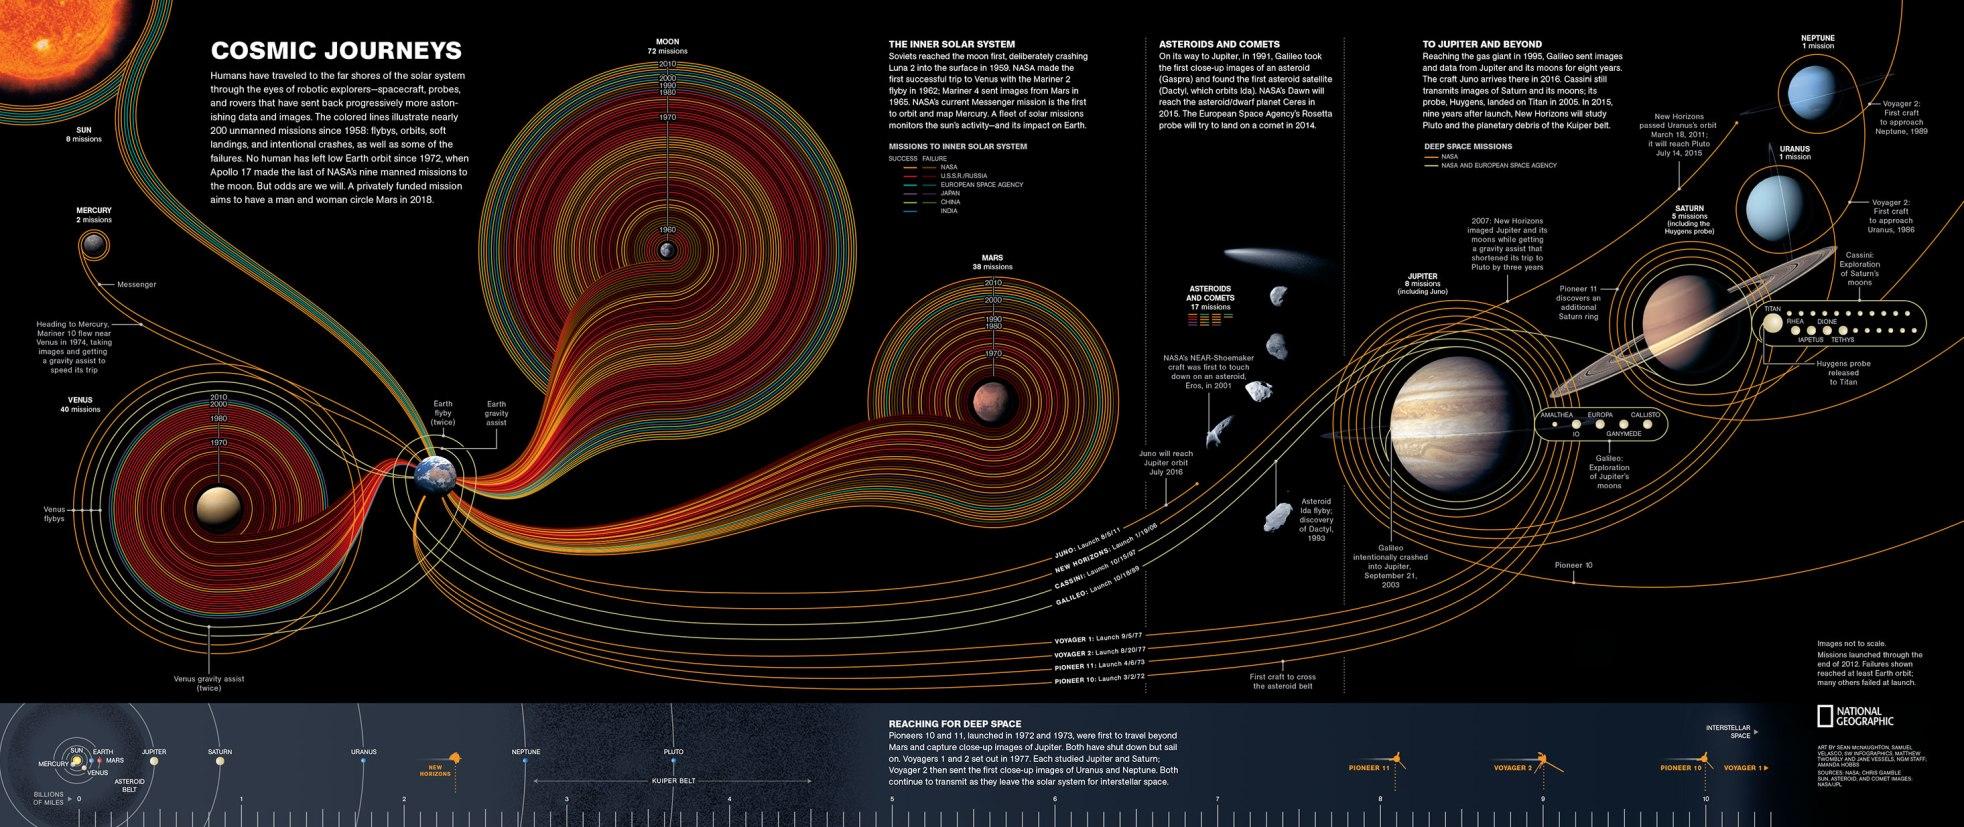 سفر کیهانی، کاری از سن مک ناگتون، ساموئل ولاسکو. برای مشاهده عکس در ابعاد بزرگتر روی آن کلیک کنید.